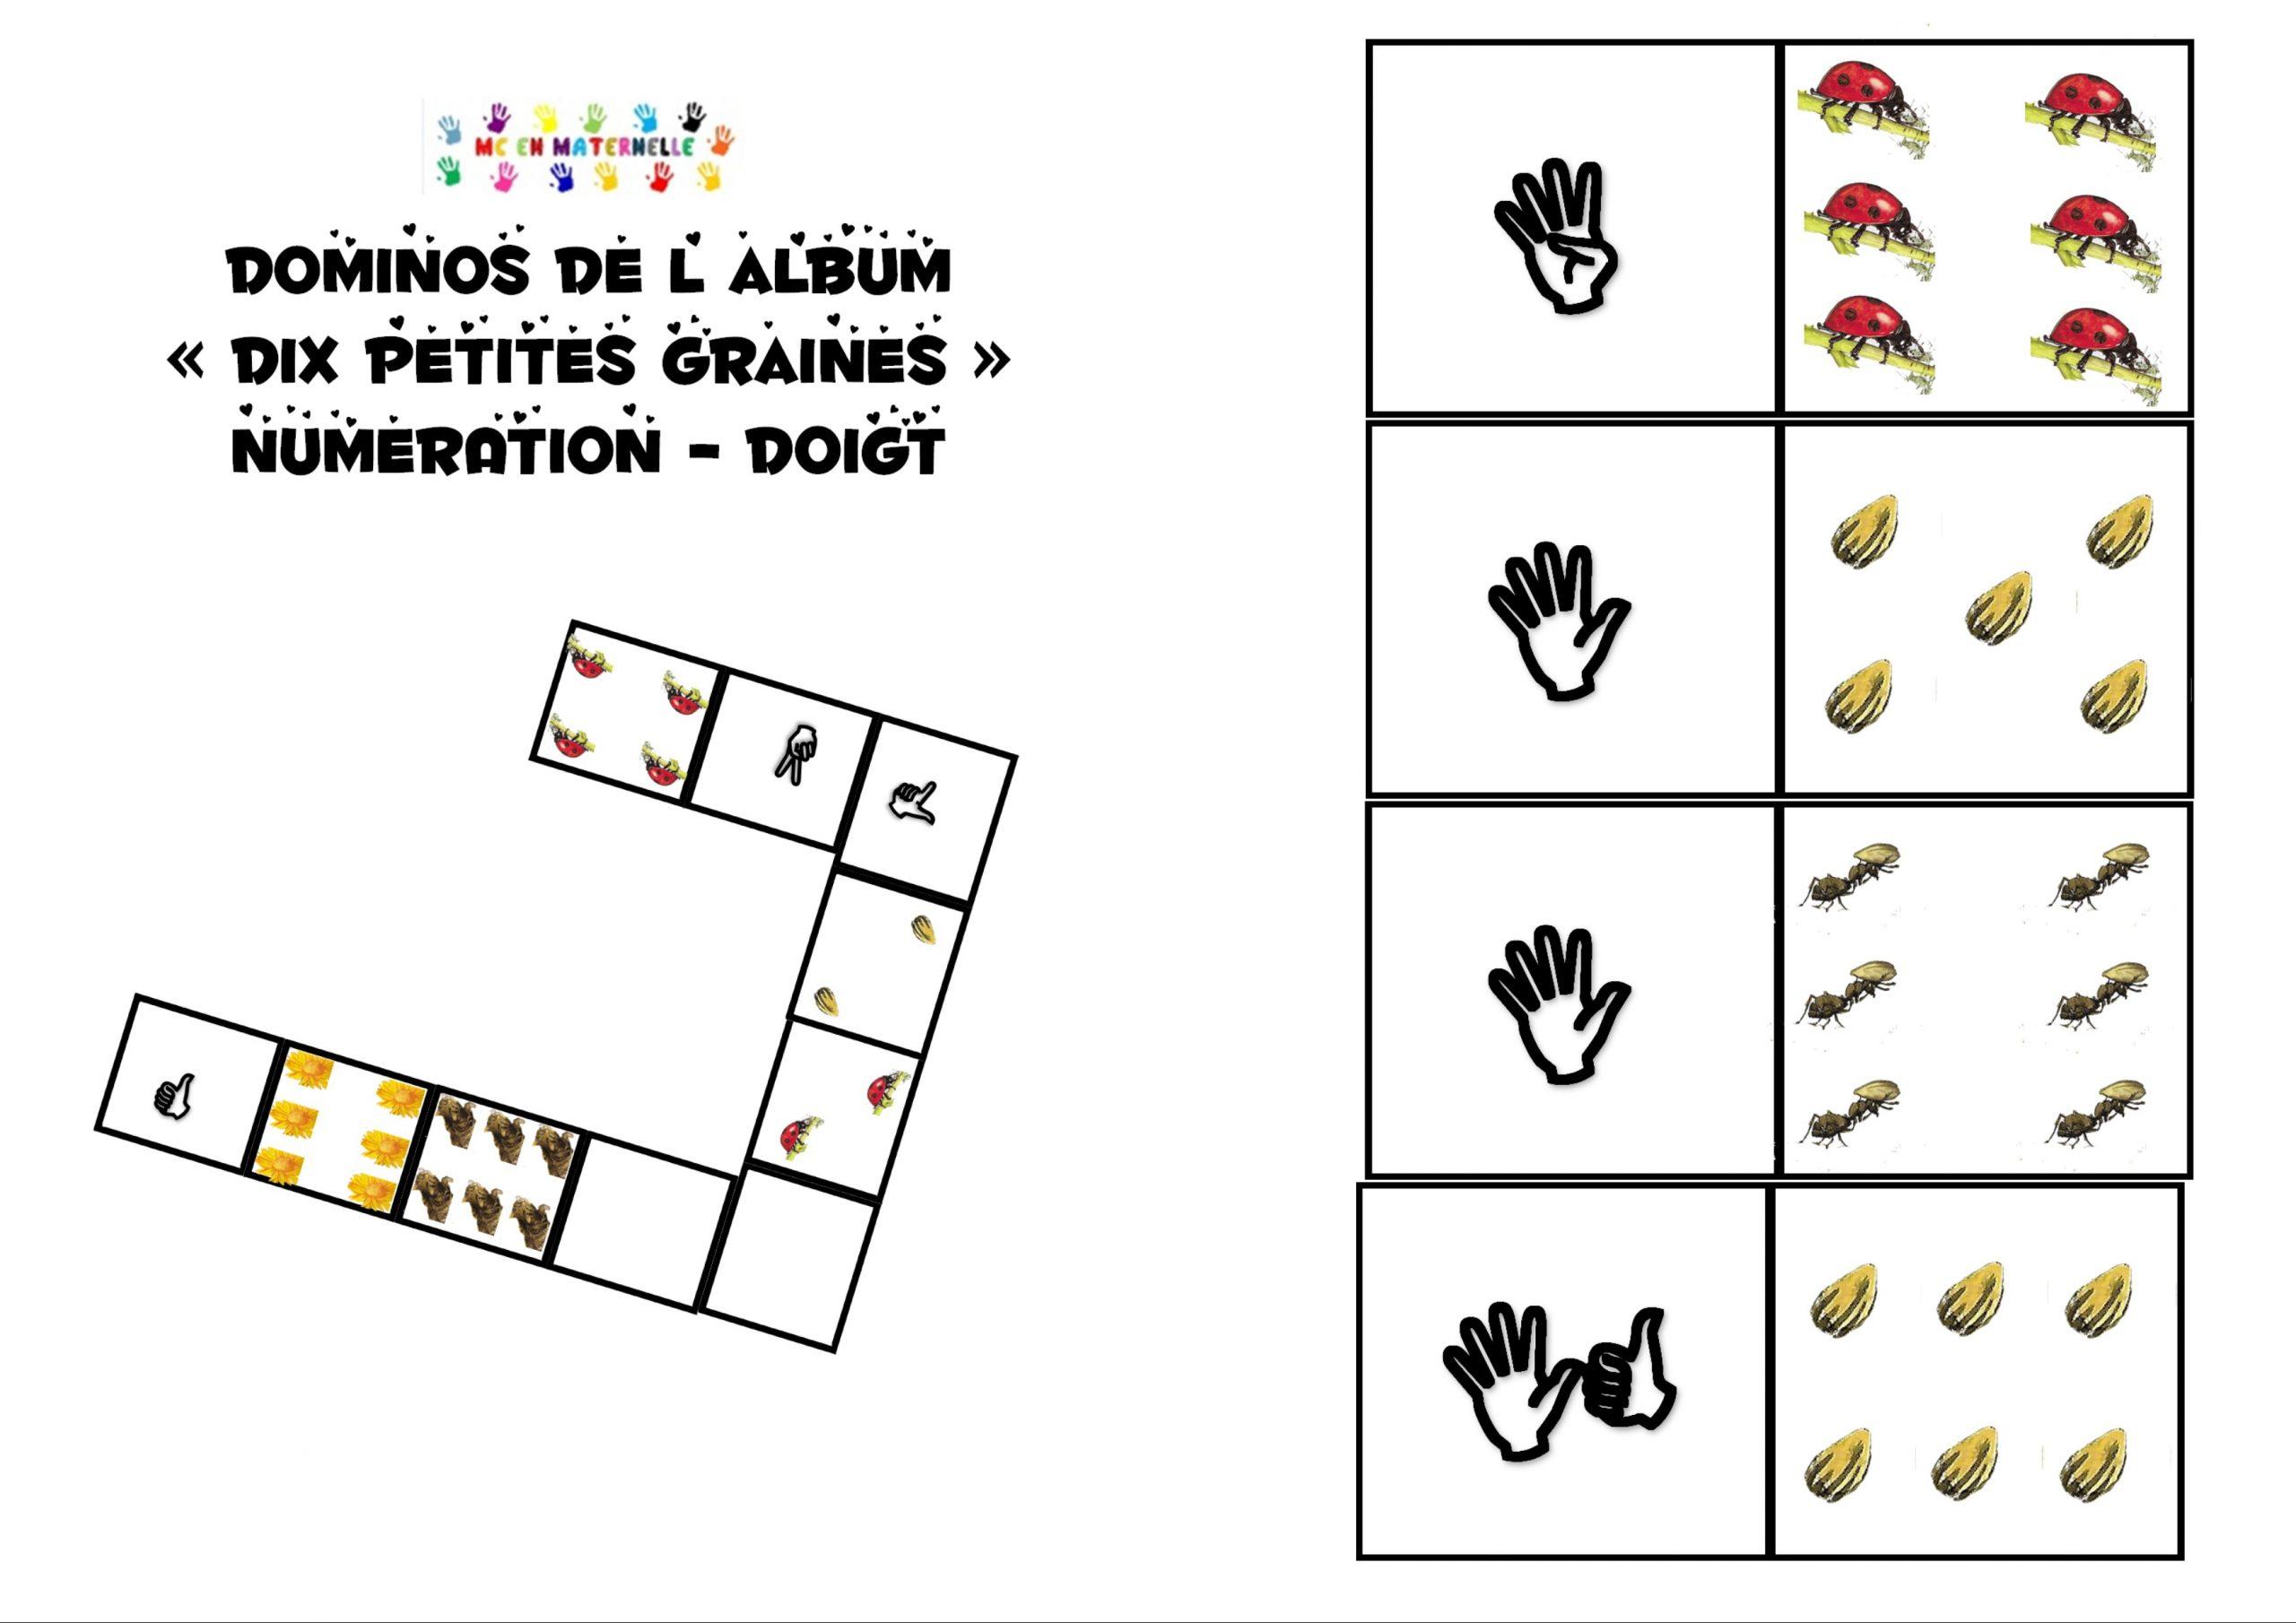 Dix Petites Graines : Dominos Numération (Doigts) – Mc En avec Dominos À Imprimer